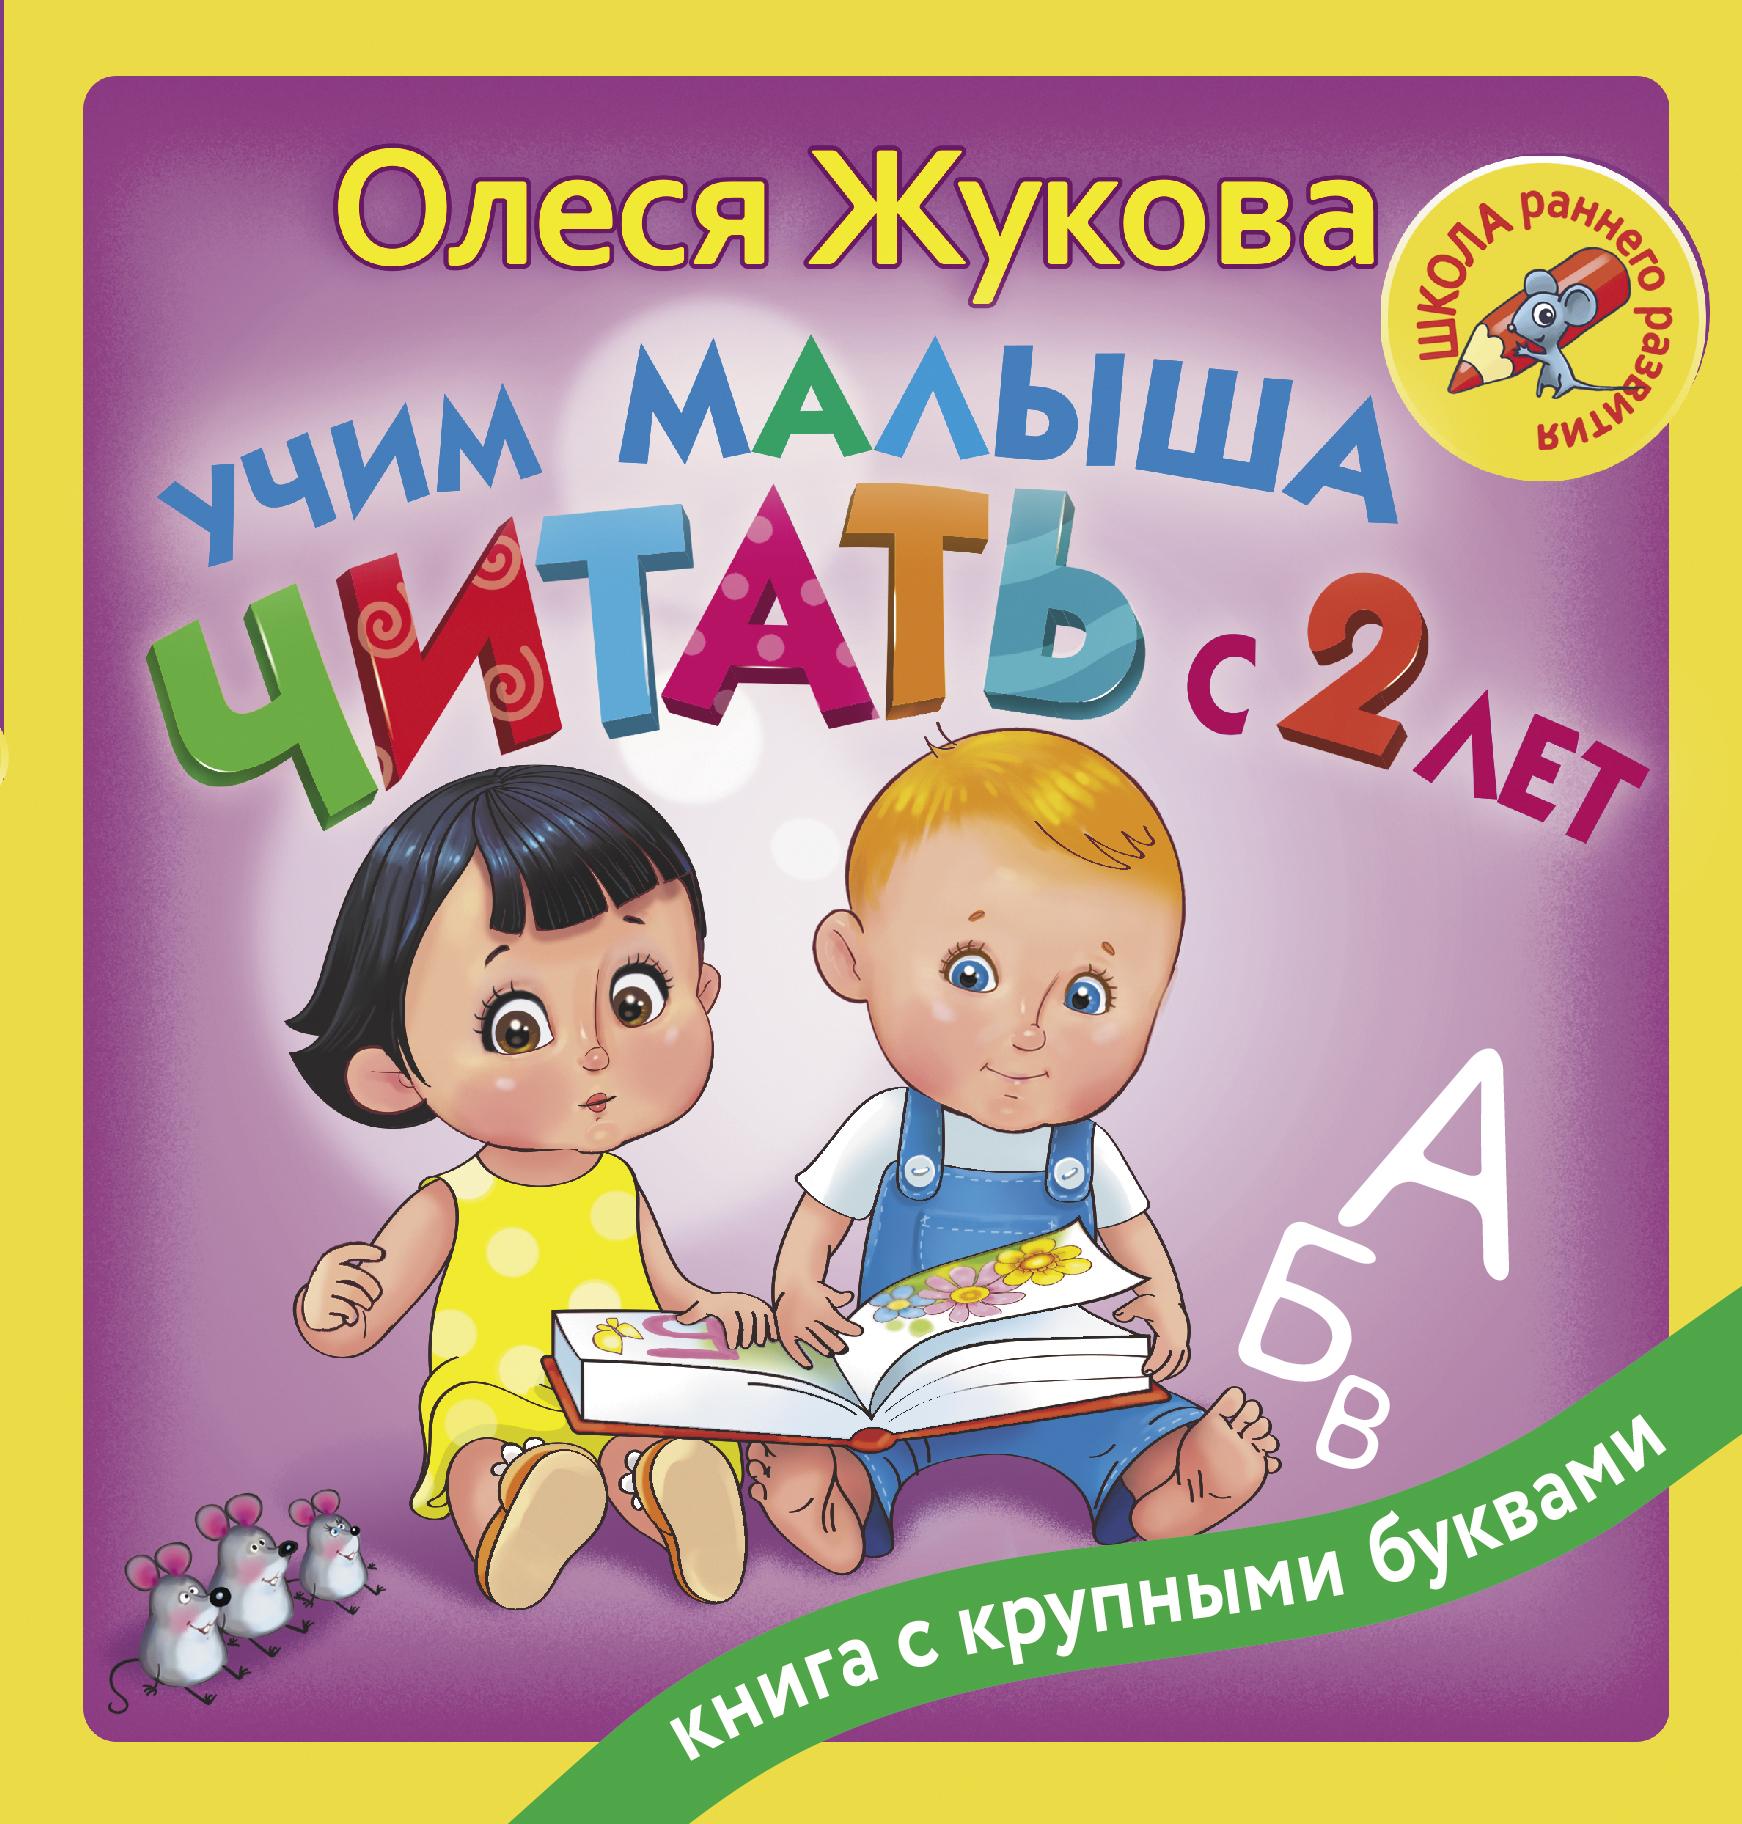 Олеся Жукова Учим малыша читать с 2-х лет